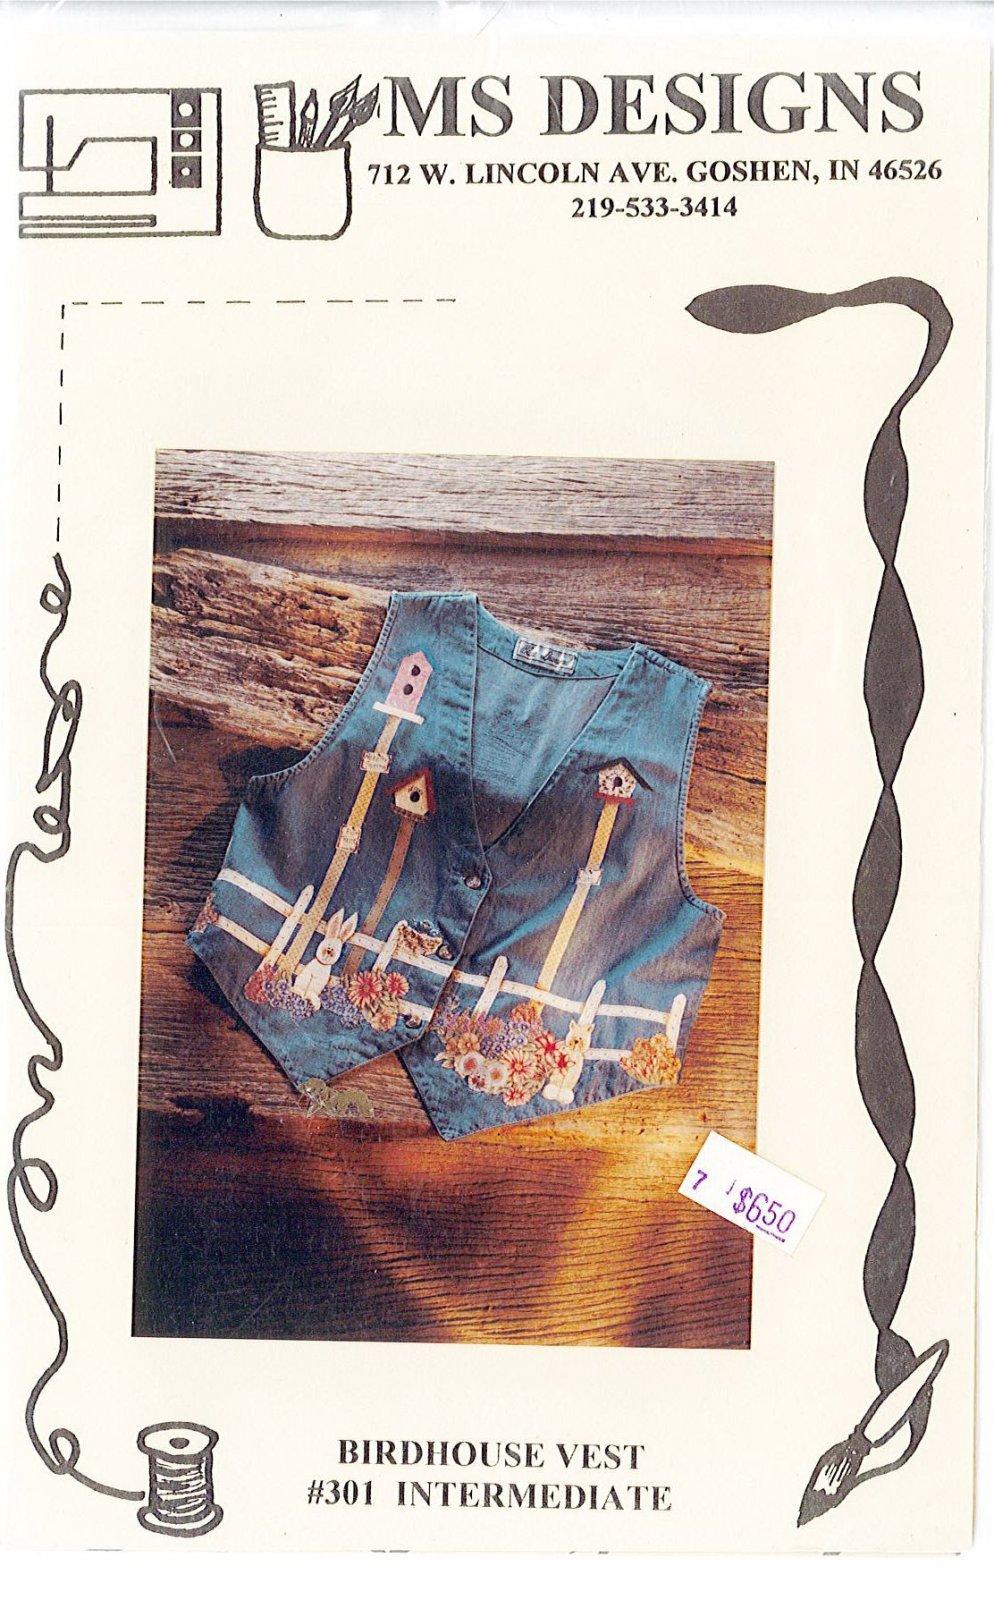 MS DESIGNS - Birdhouse Vest